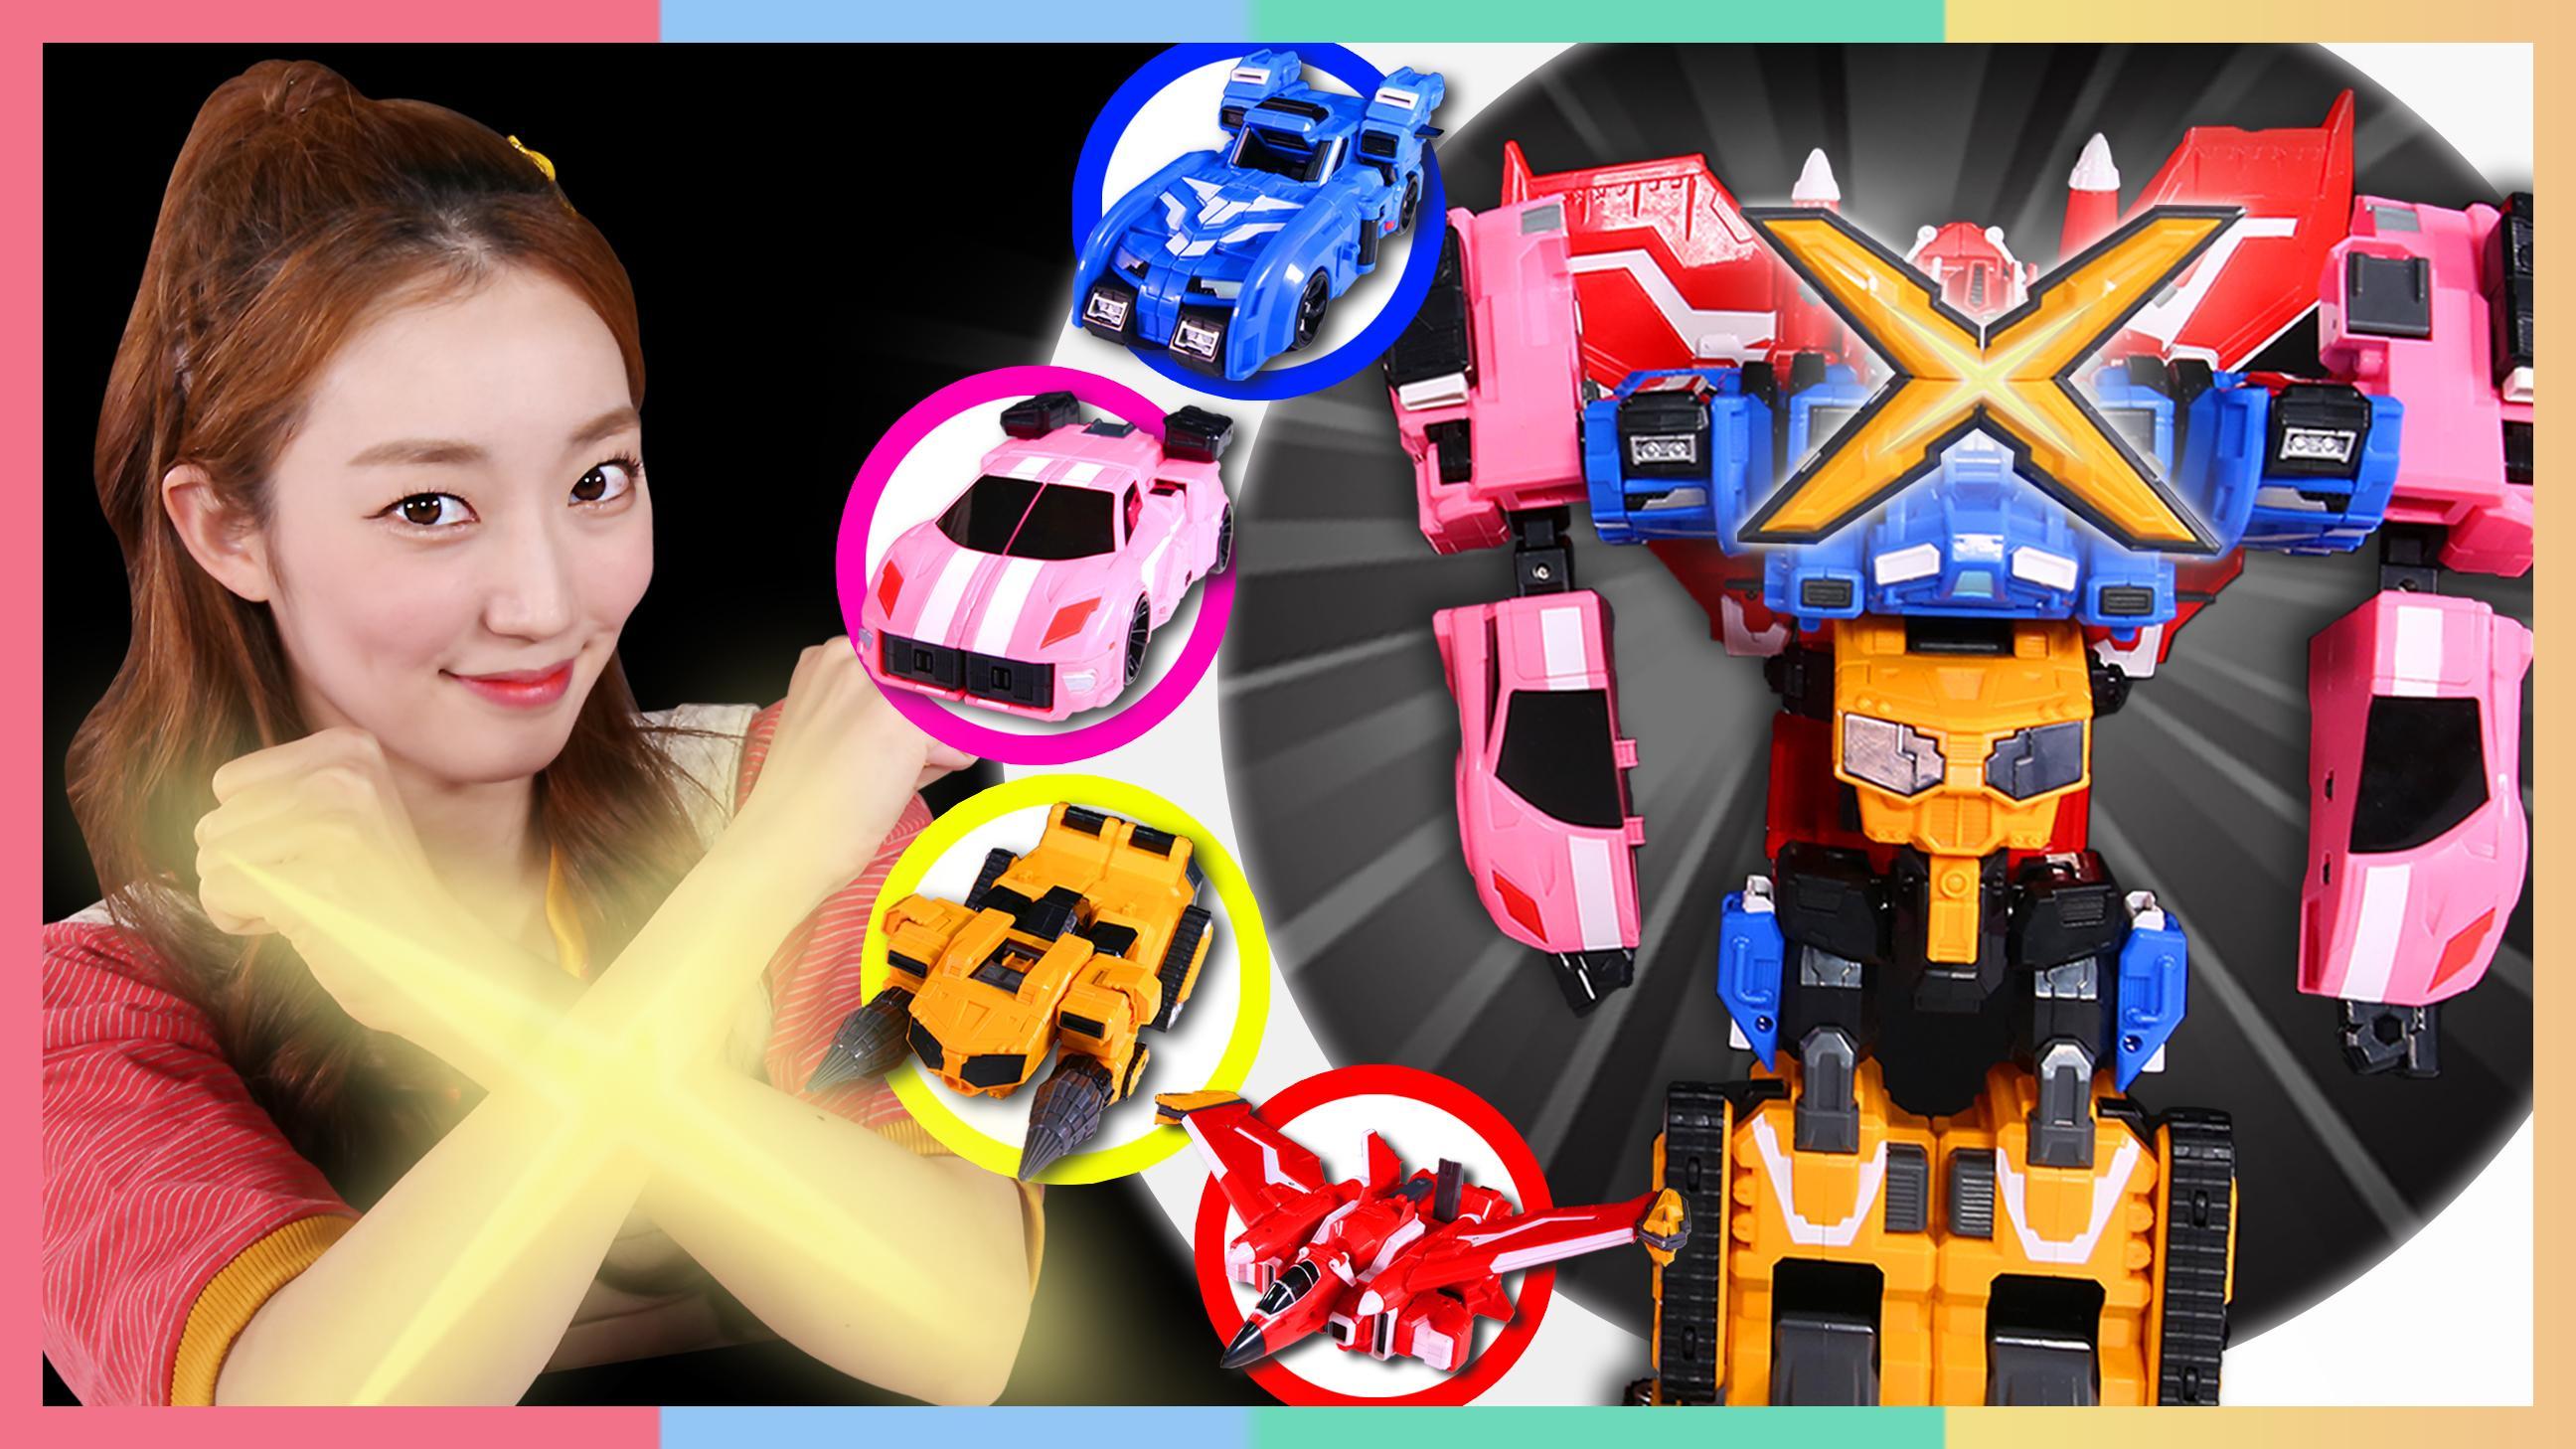 四合一X战警机器人迷你特攻队 | 凯利和玩具朋友们 CarrieAndToys